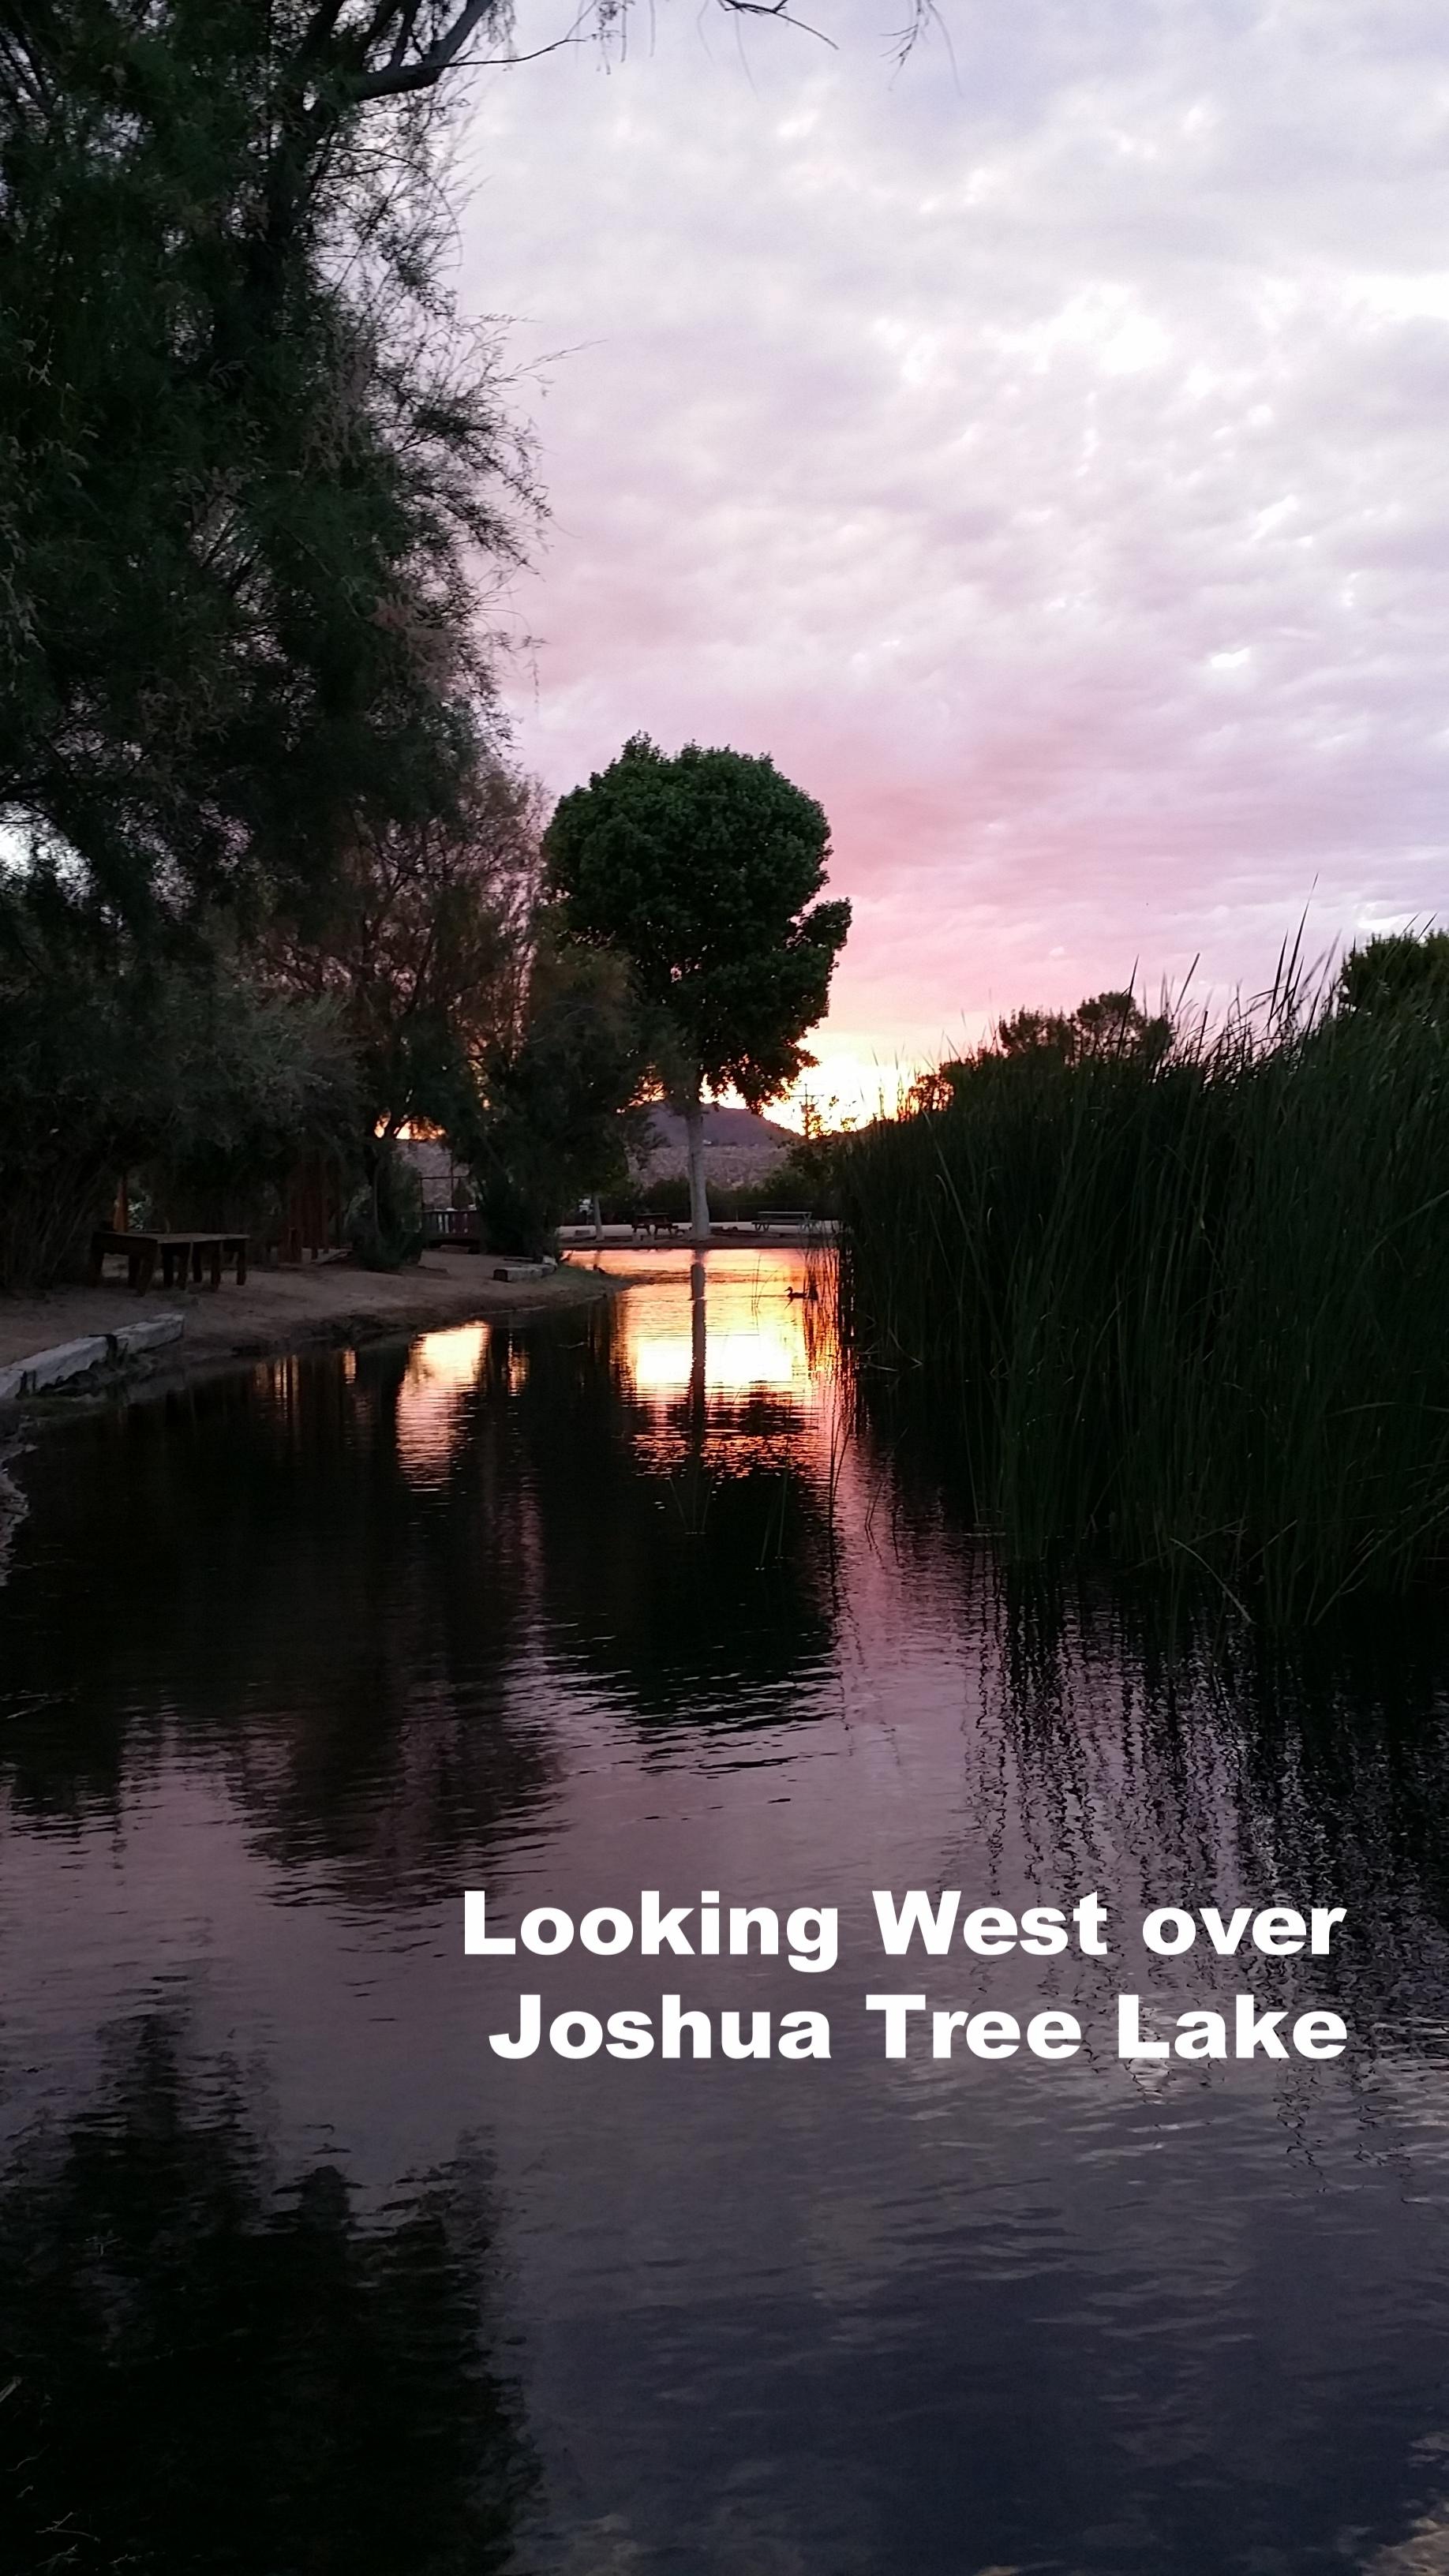 Looking West over Joshua Tree Lake.jpg